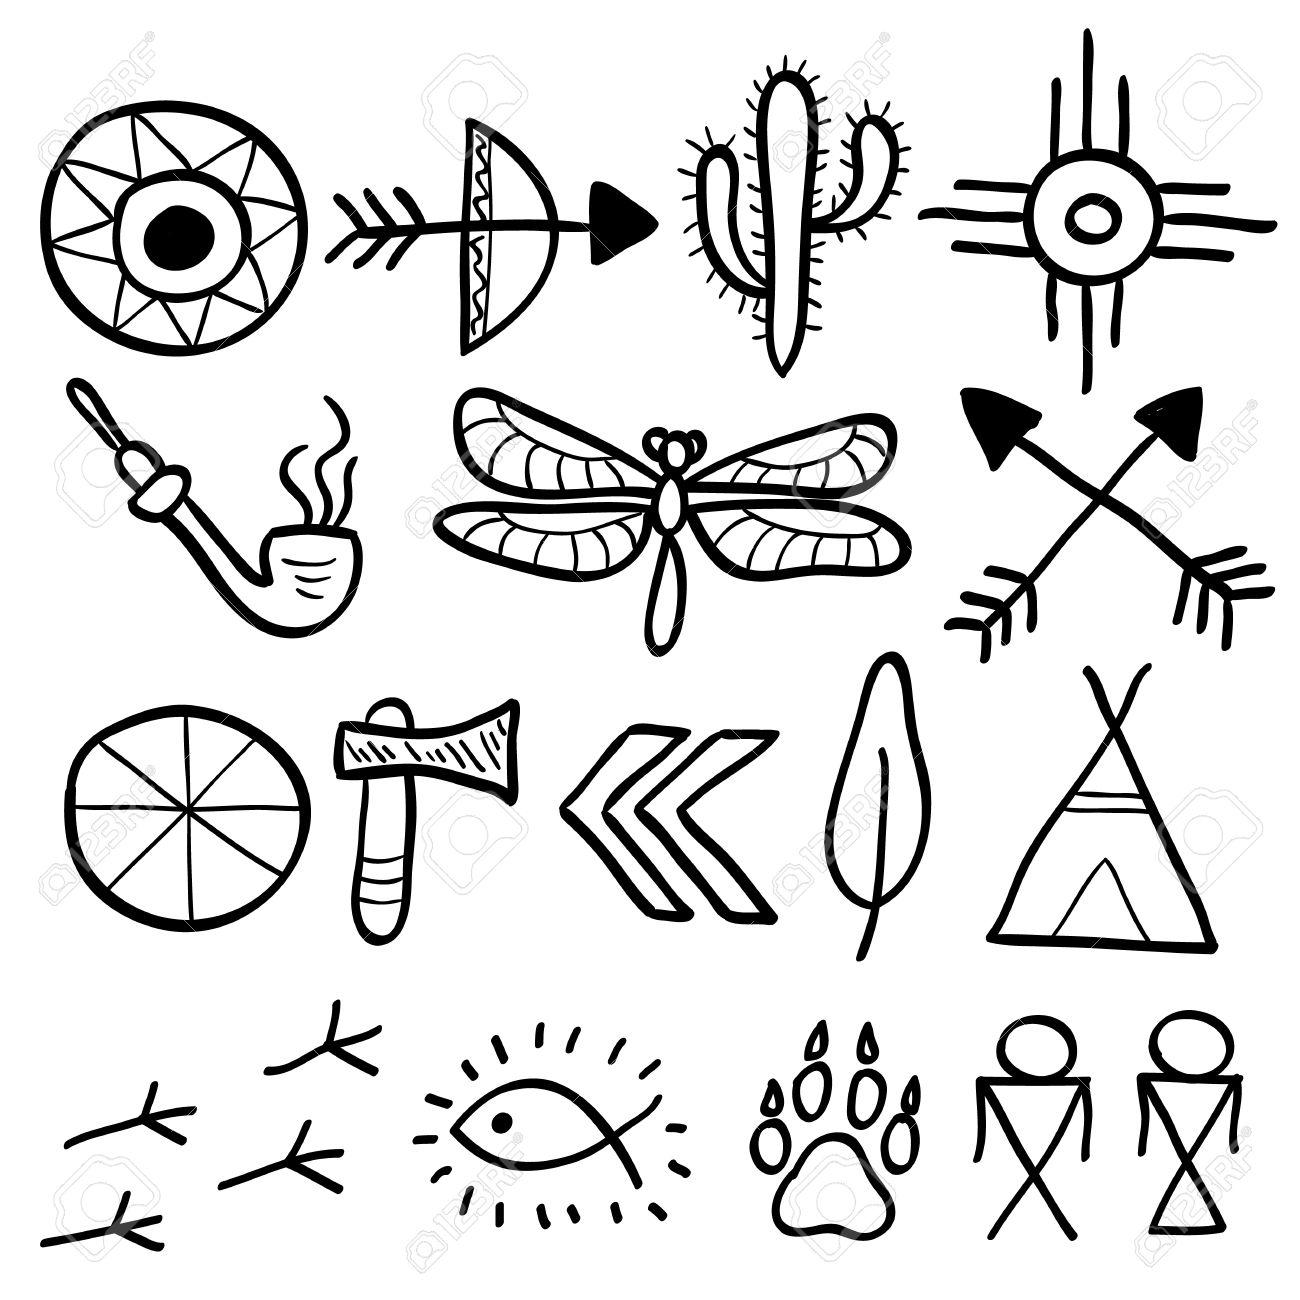 hand drawn doodle vector elements set vol 7 of 9 native